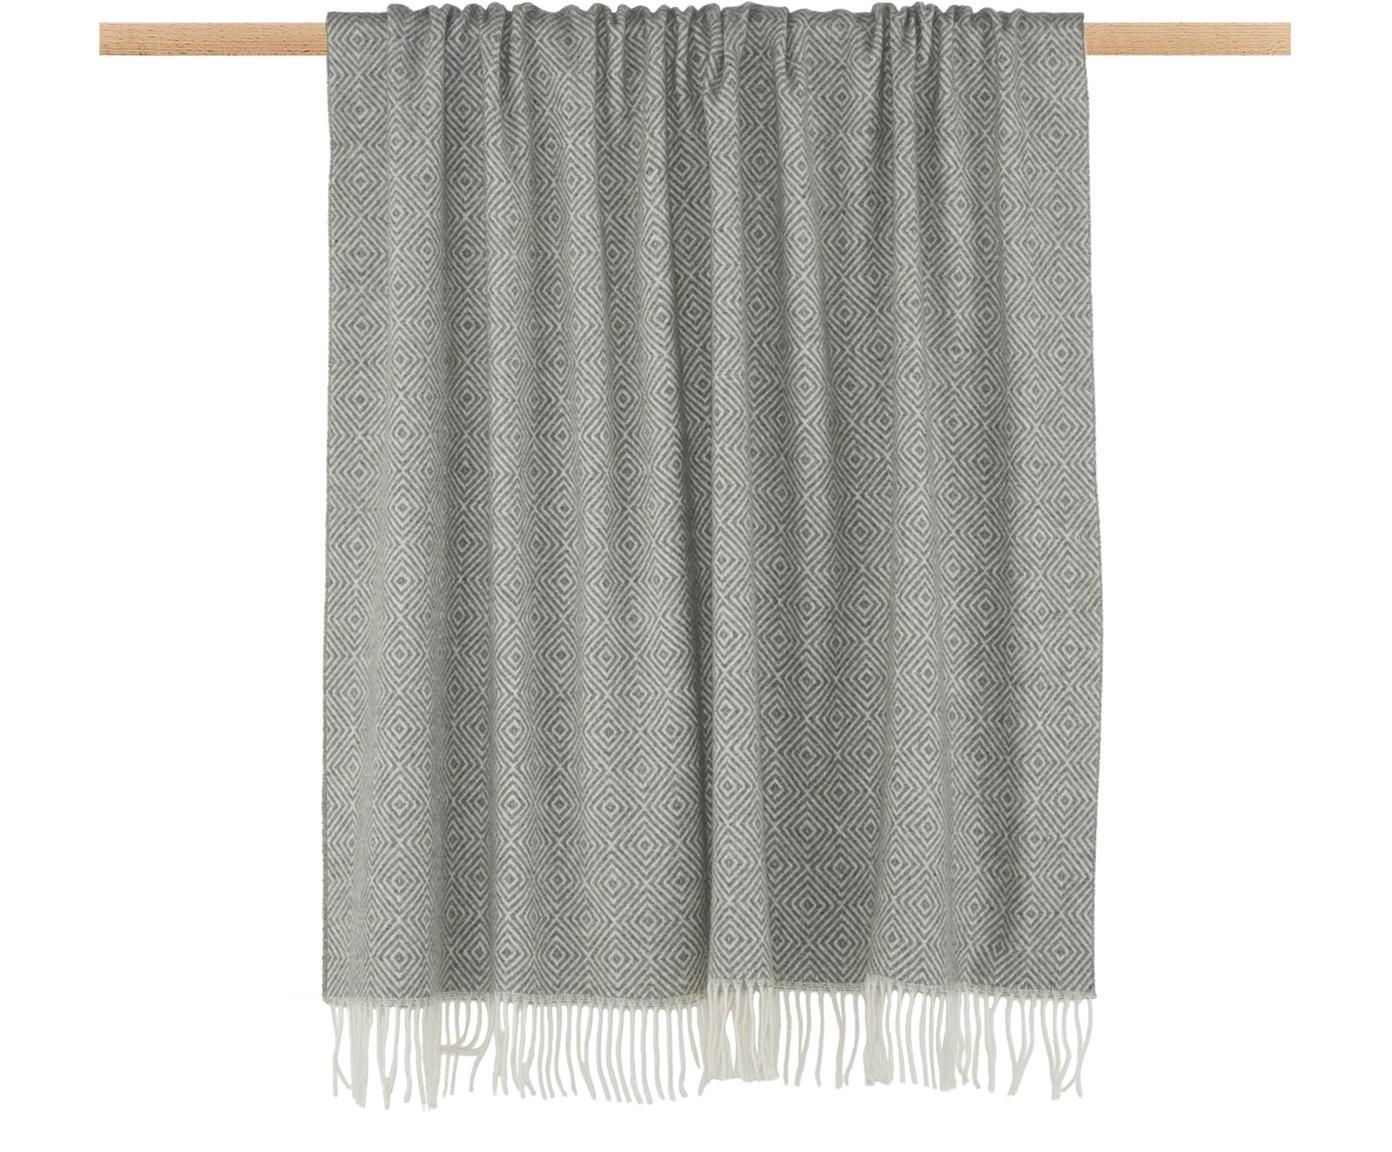 Manta de lana Alison, 80%lana, 20%acrílico, Blanco crudo,gris claro, An 140 x L 200 cm